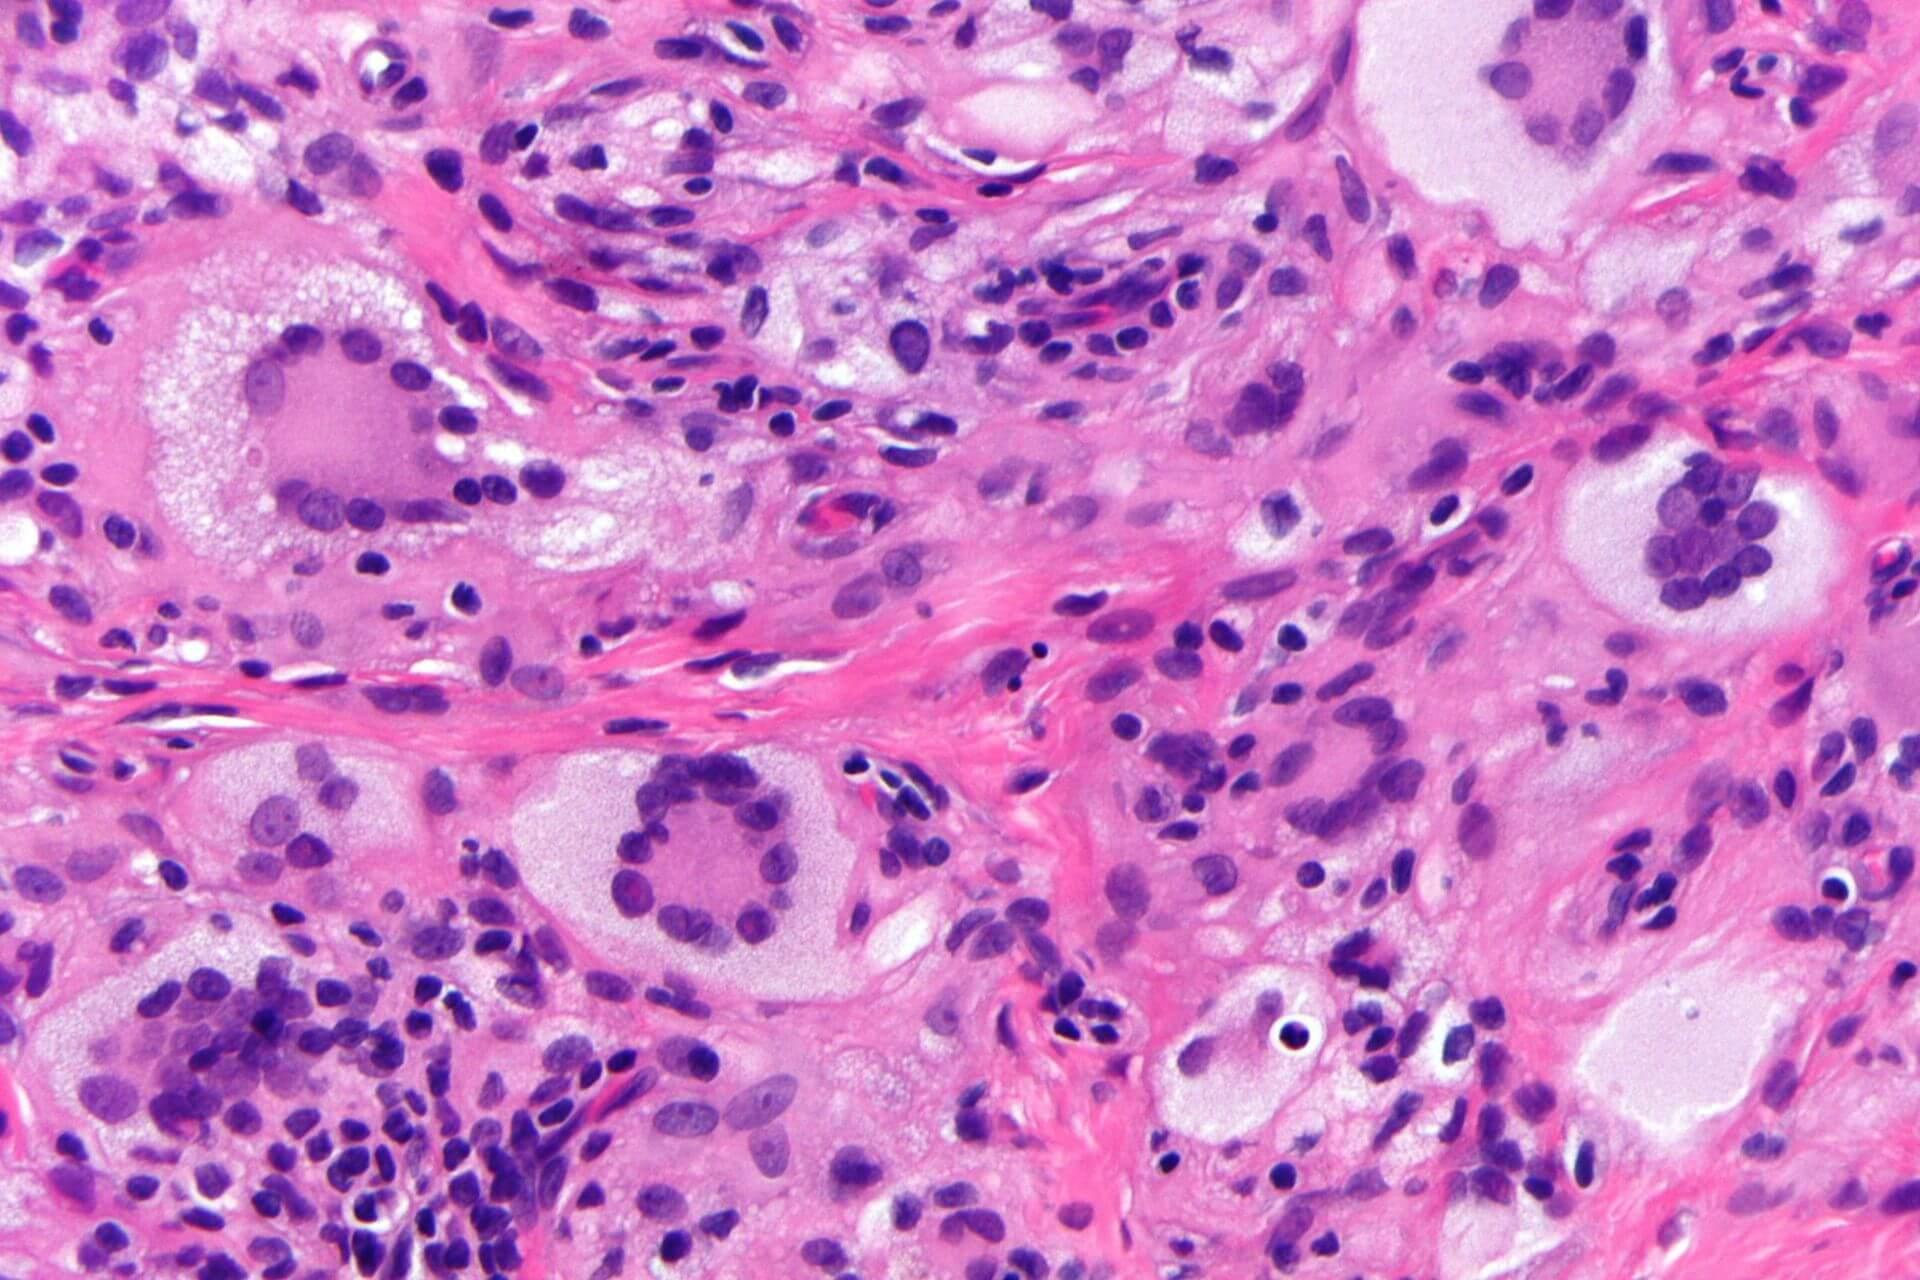 Touton-Riesenzelle